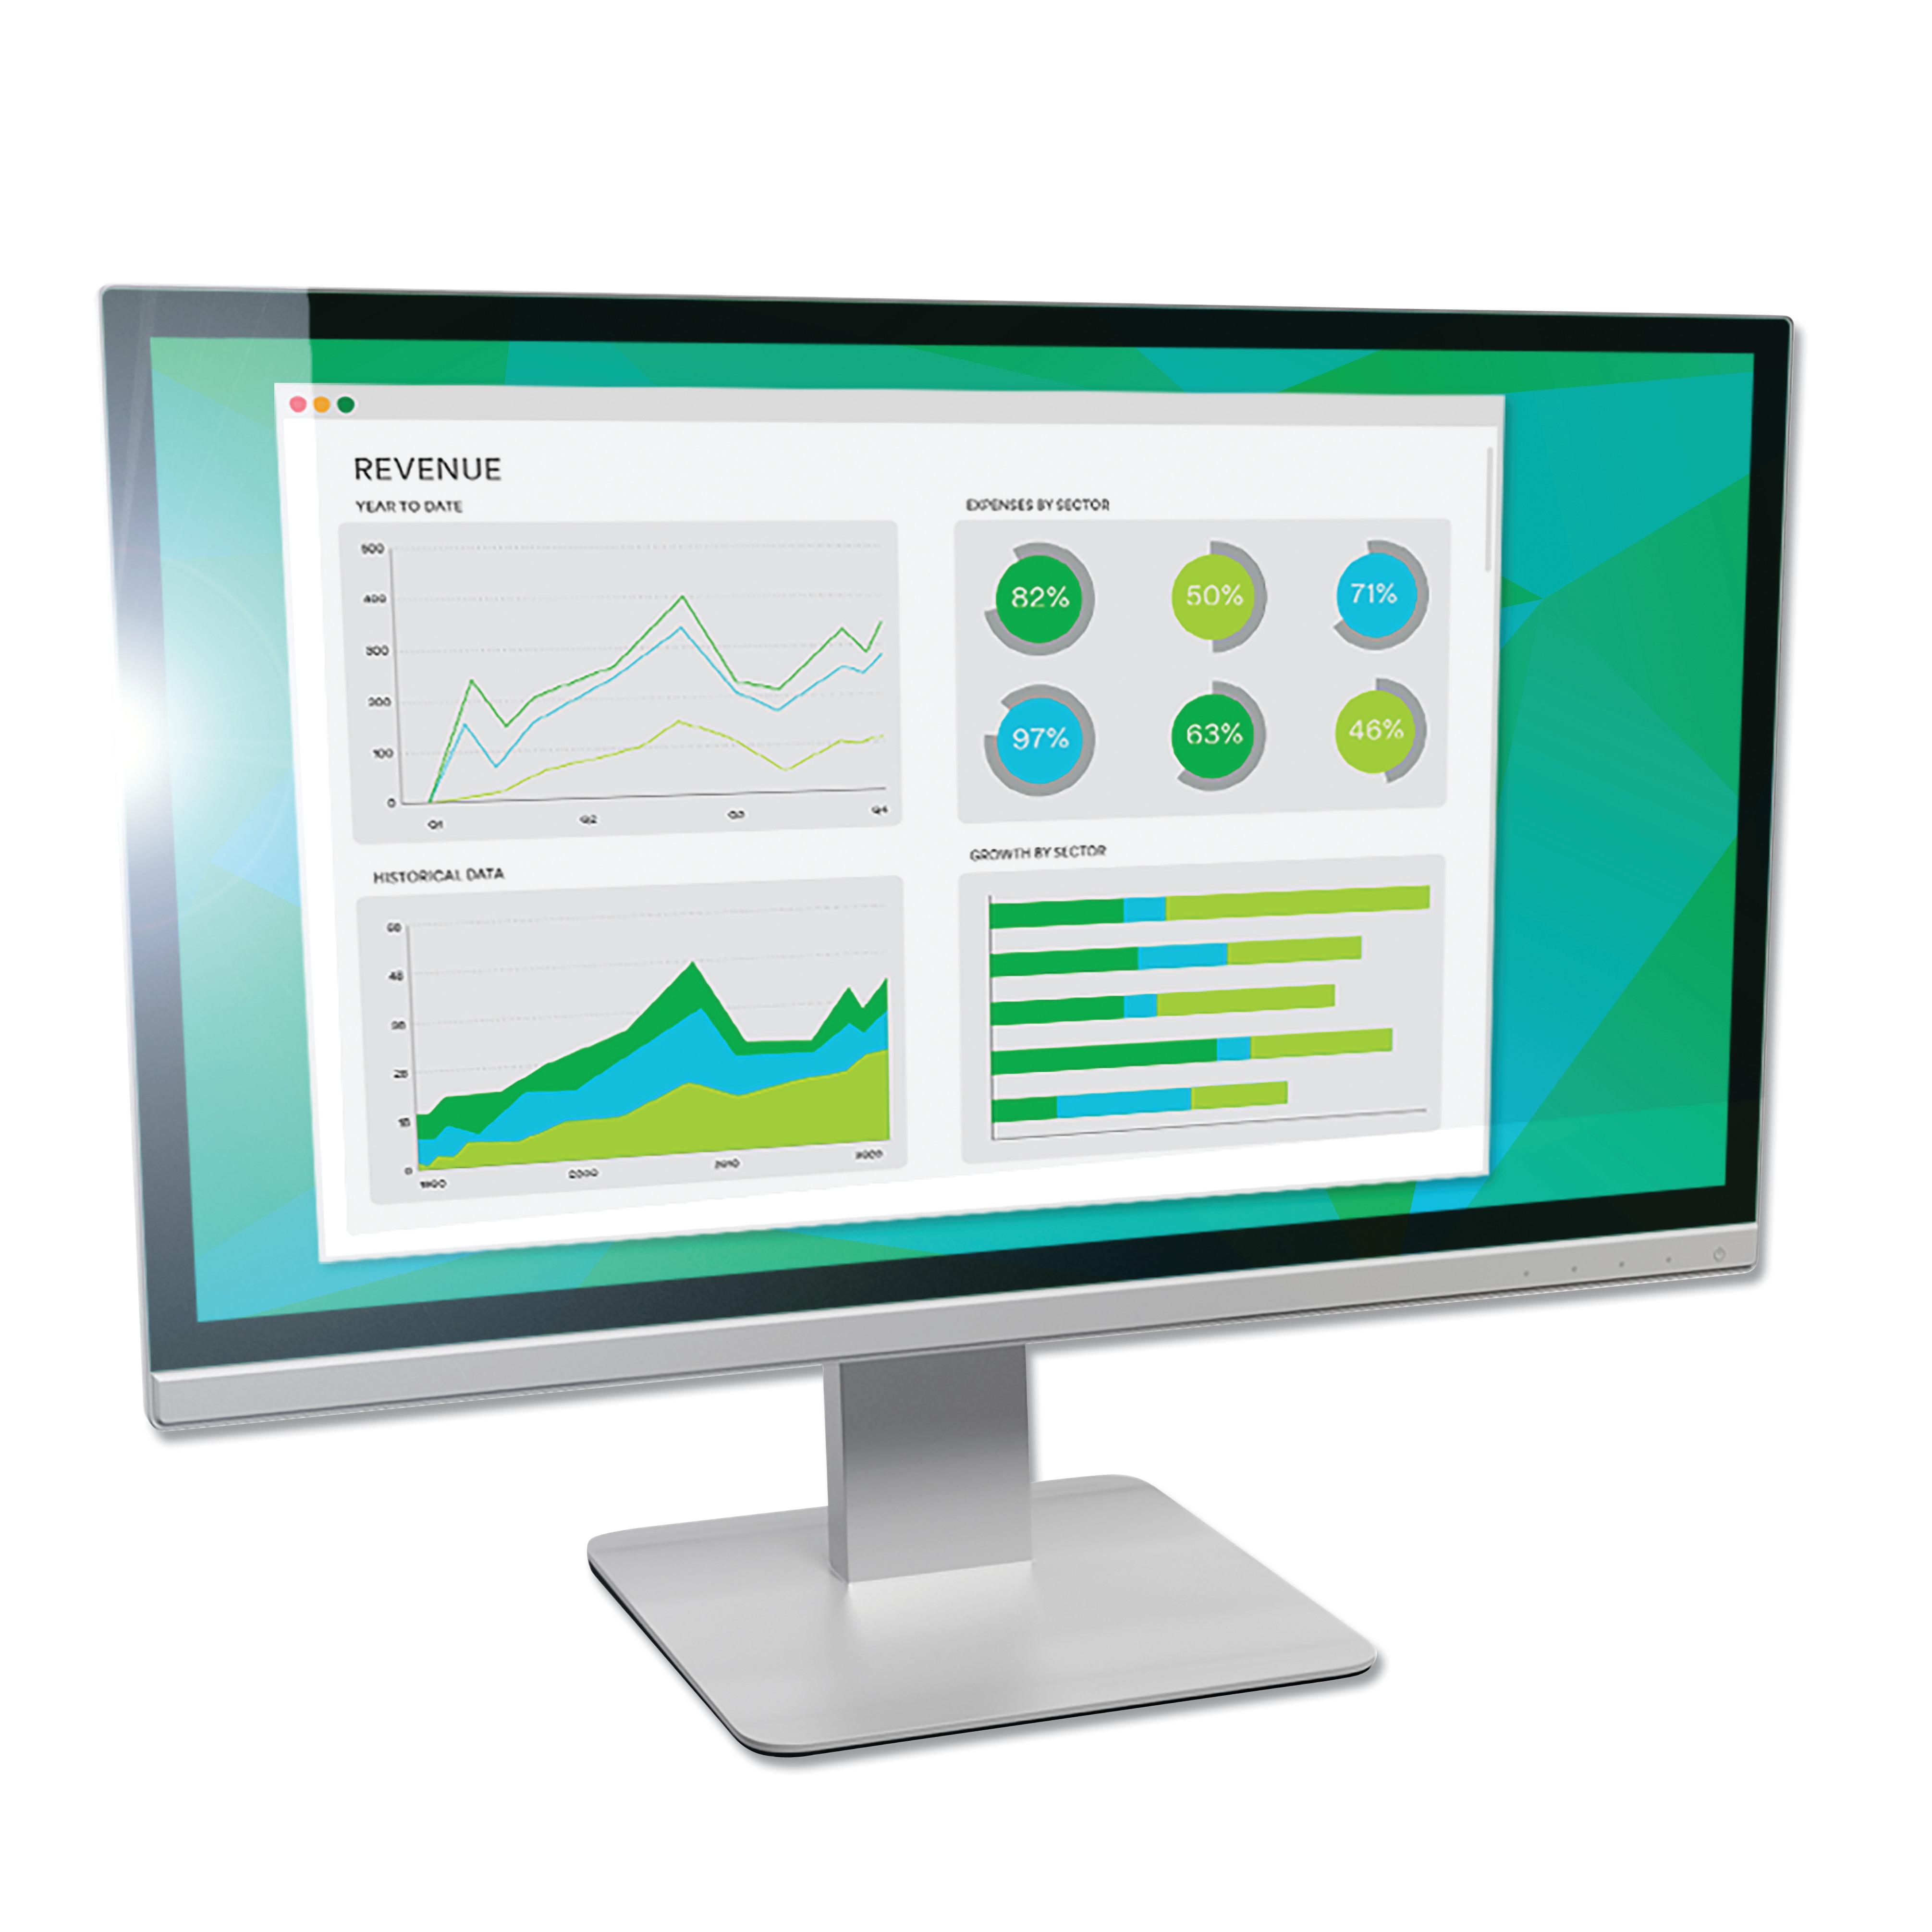 """Antiglare Frameless Filter for 19"""" Monitor"""